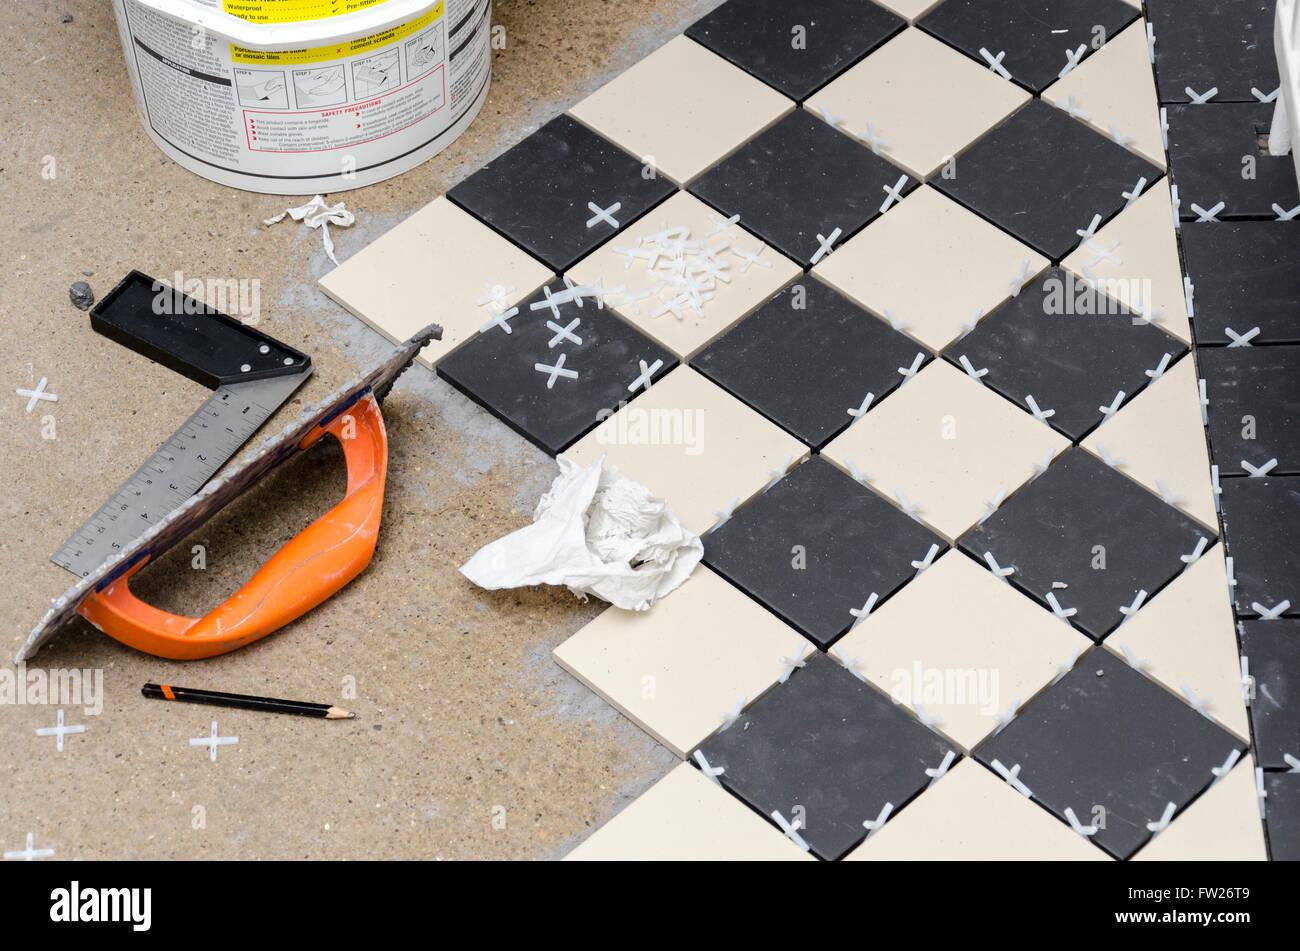 Fai da te la posa in opera di un pavimento in piastrelle a casa foto